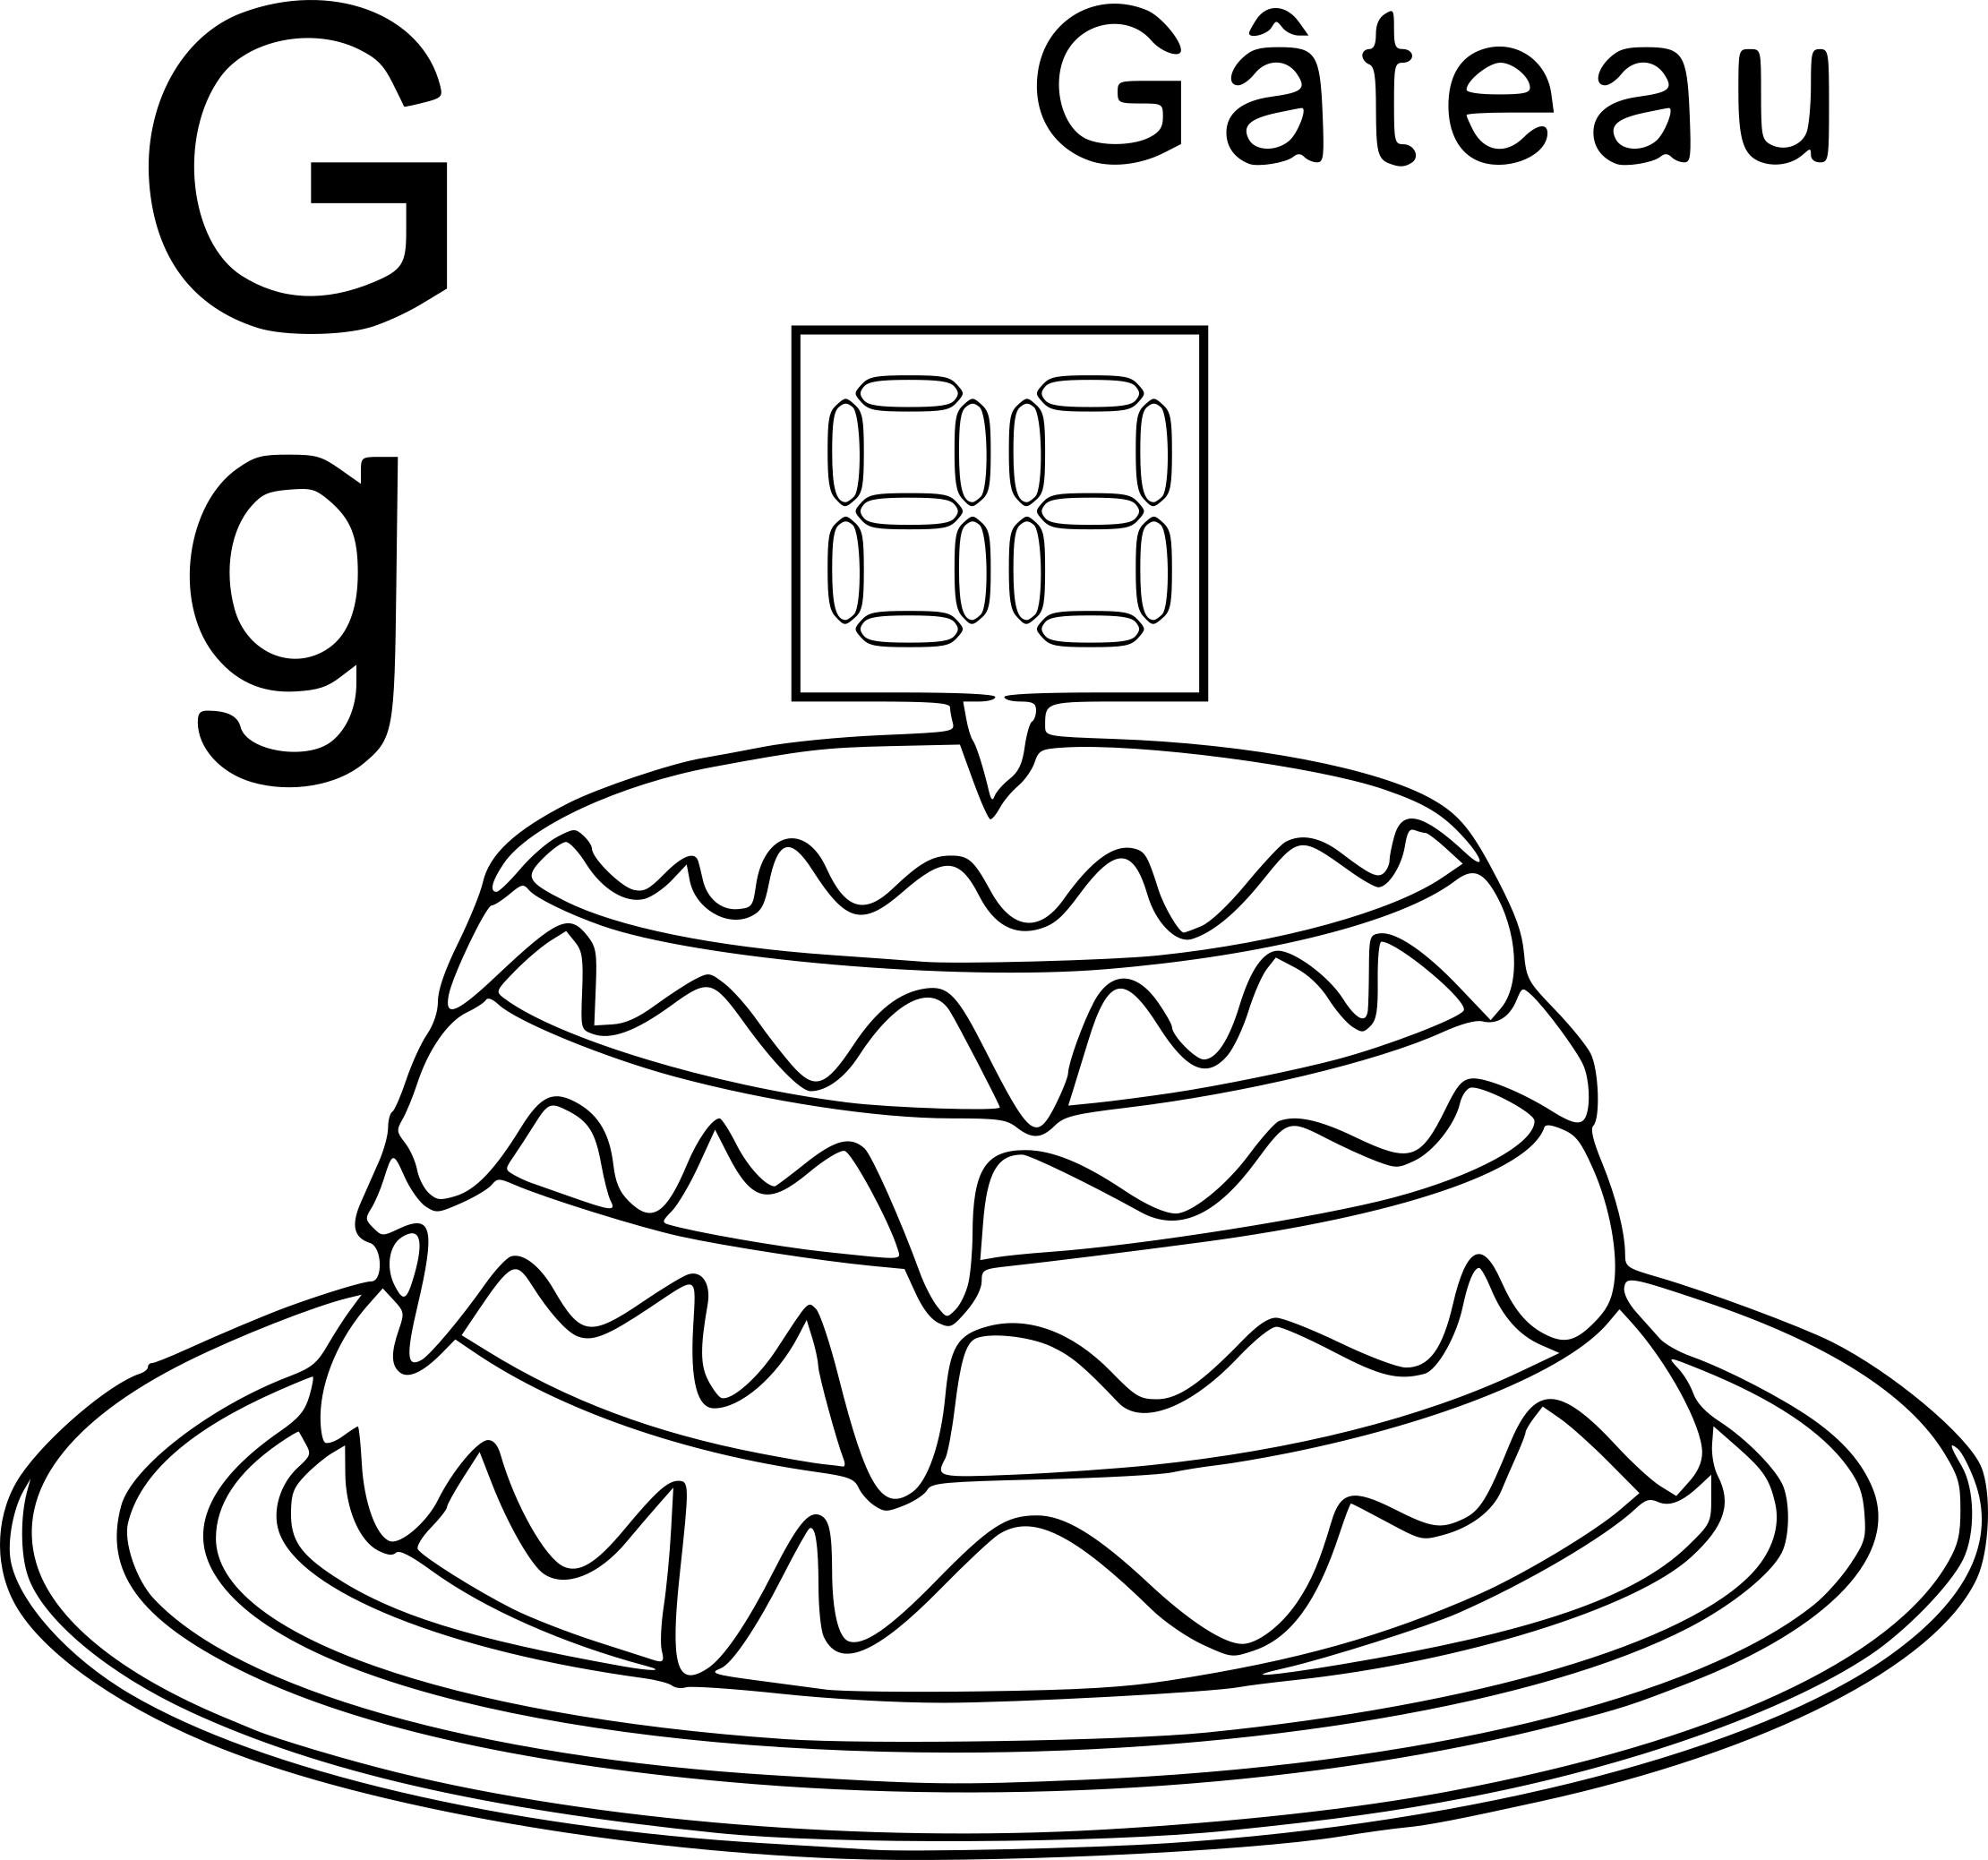 Coloriage g comme gateau imprimer - Coloriage de gateau ...